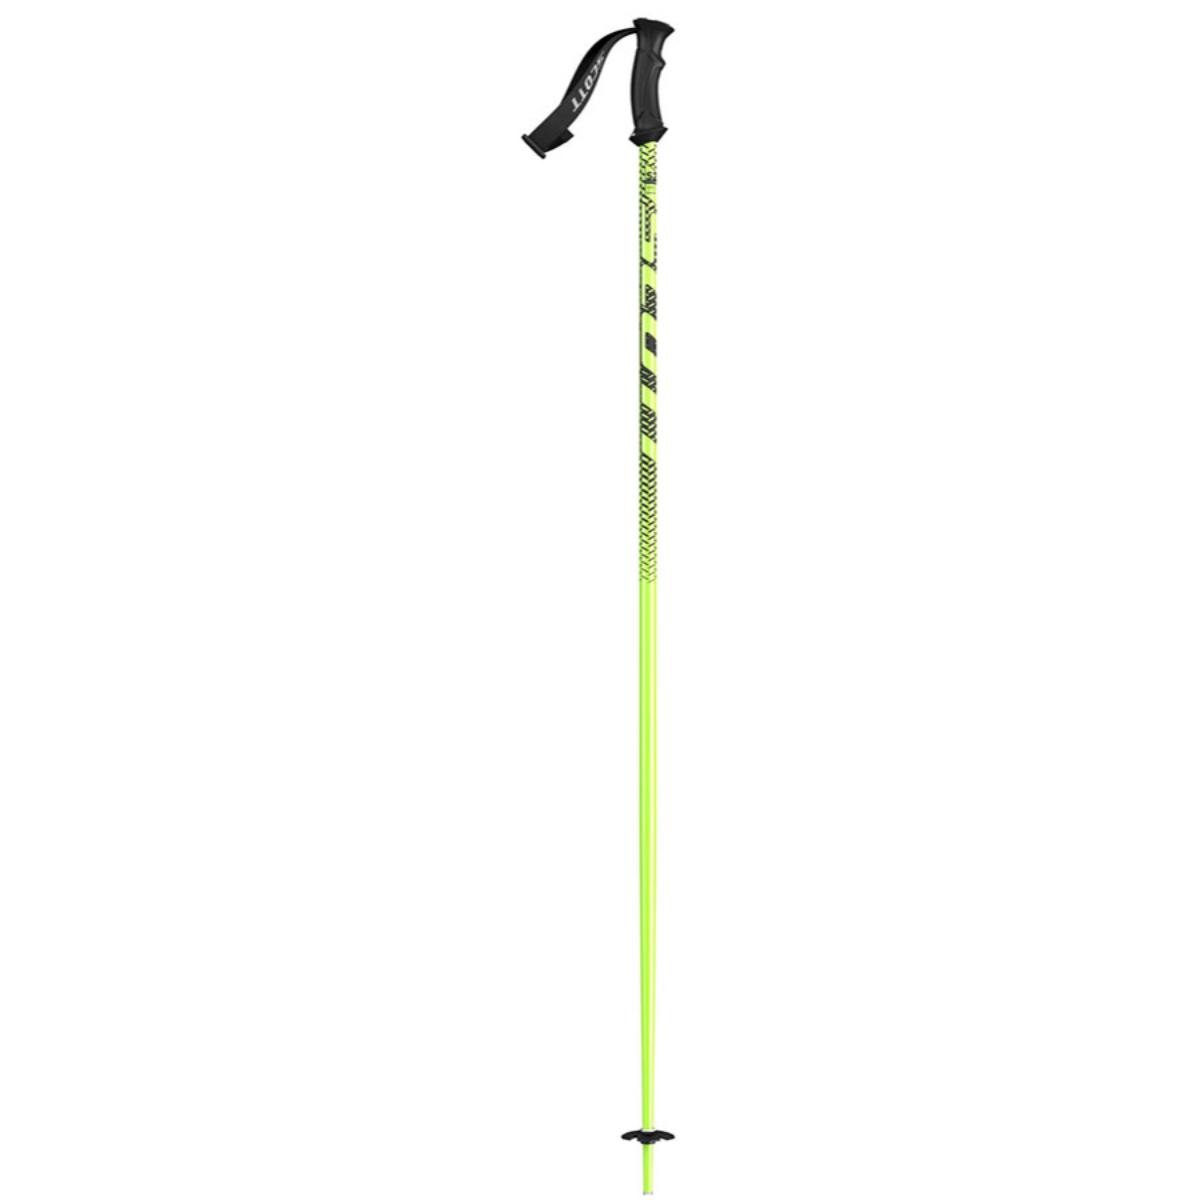 SCOTT 540 Ski Poles 2019